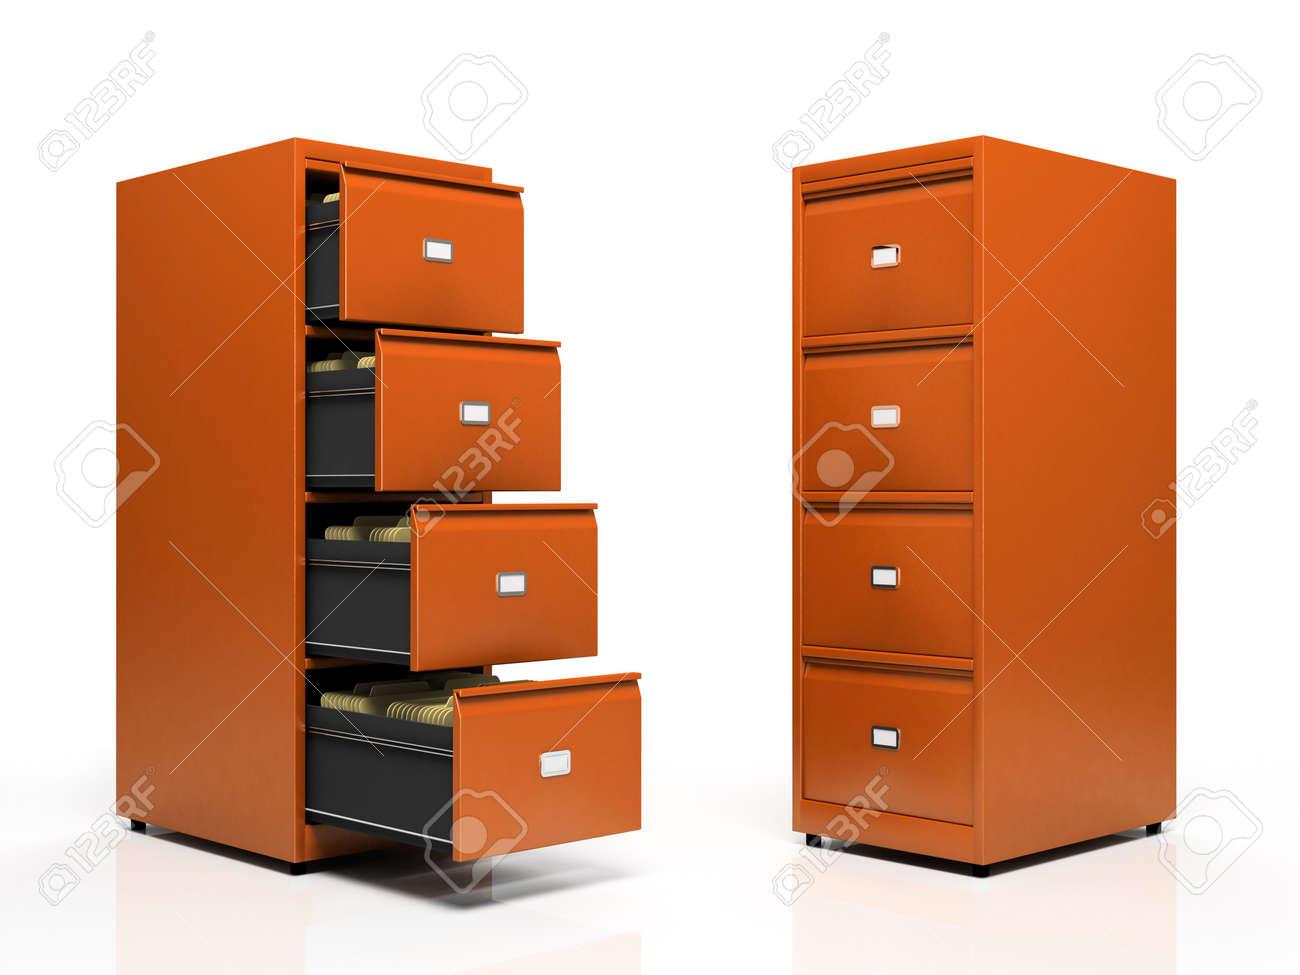 Orange card files isolated on white background Stock Photo - 3142521